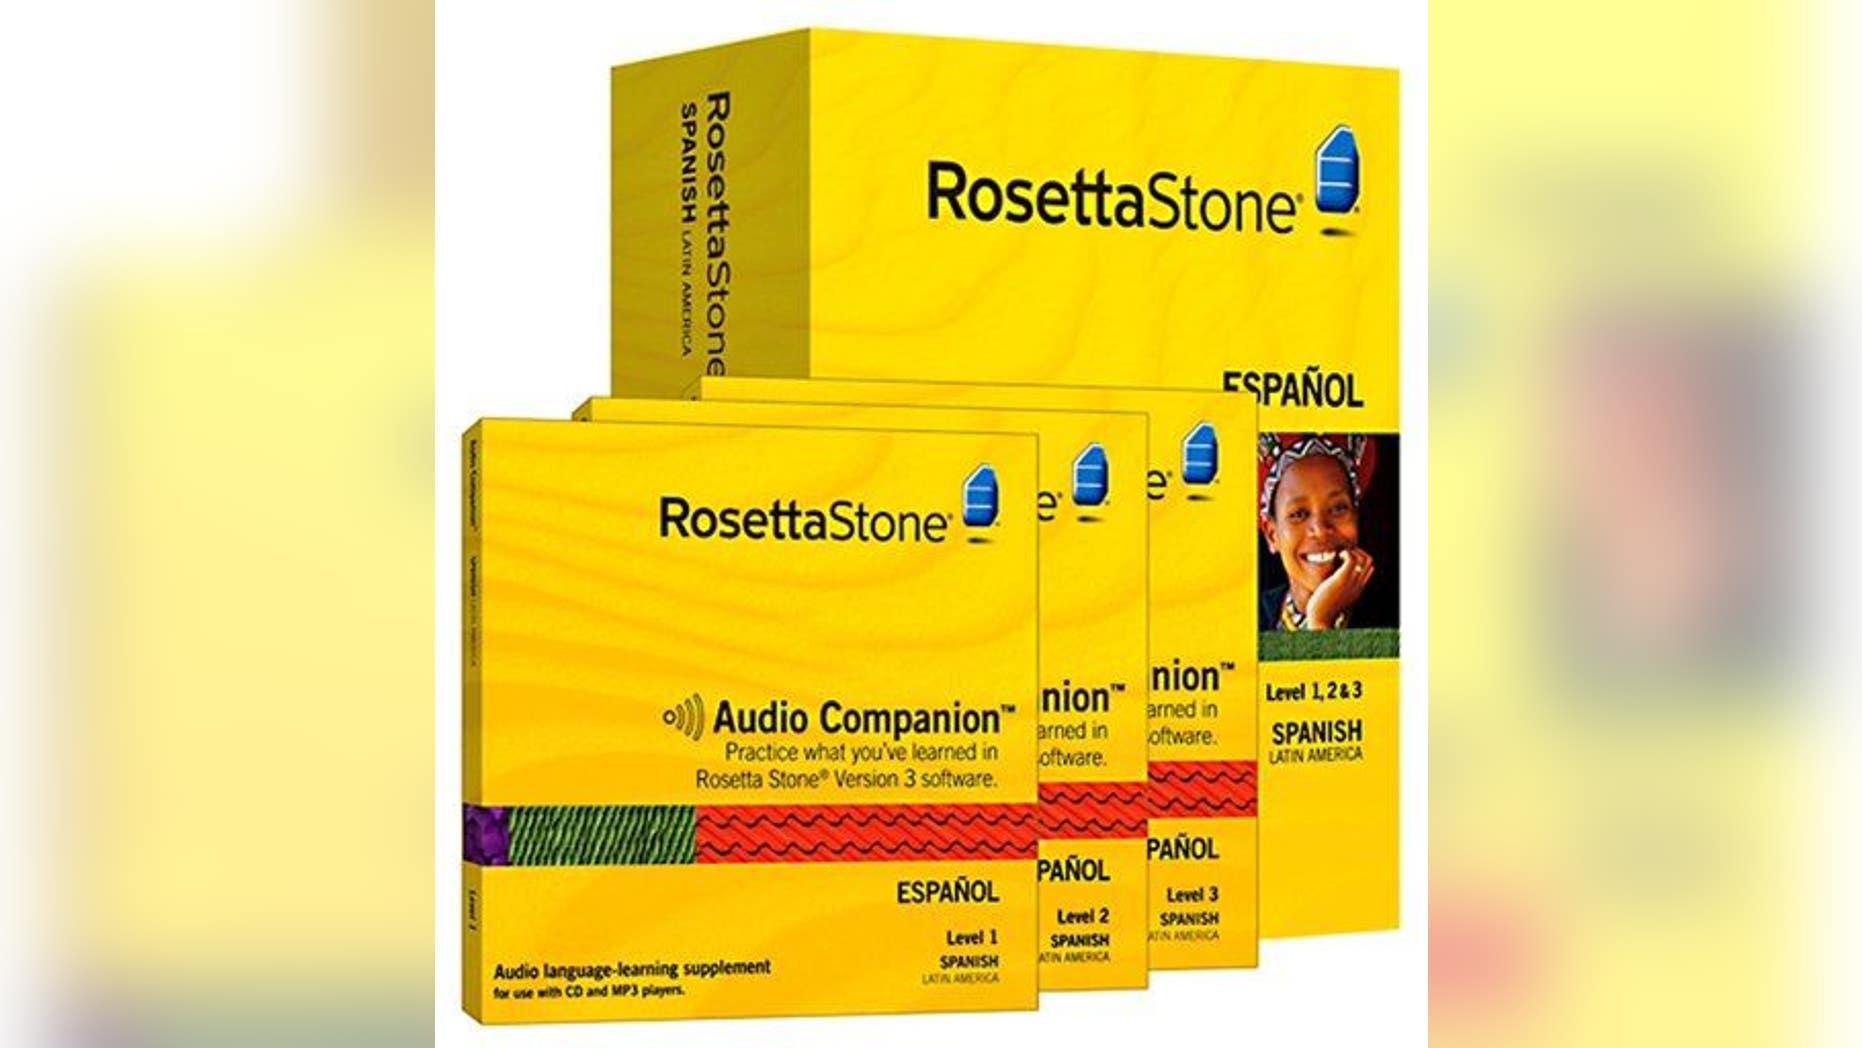 Rosetta Stone Spanish software is shown.